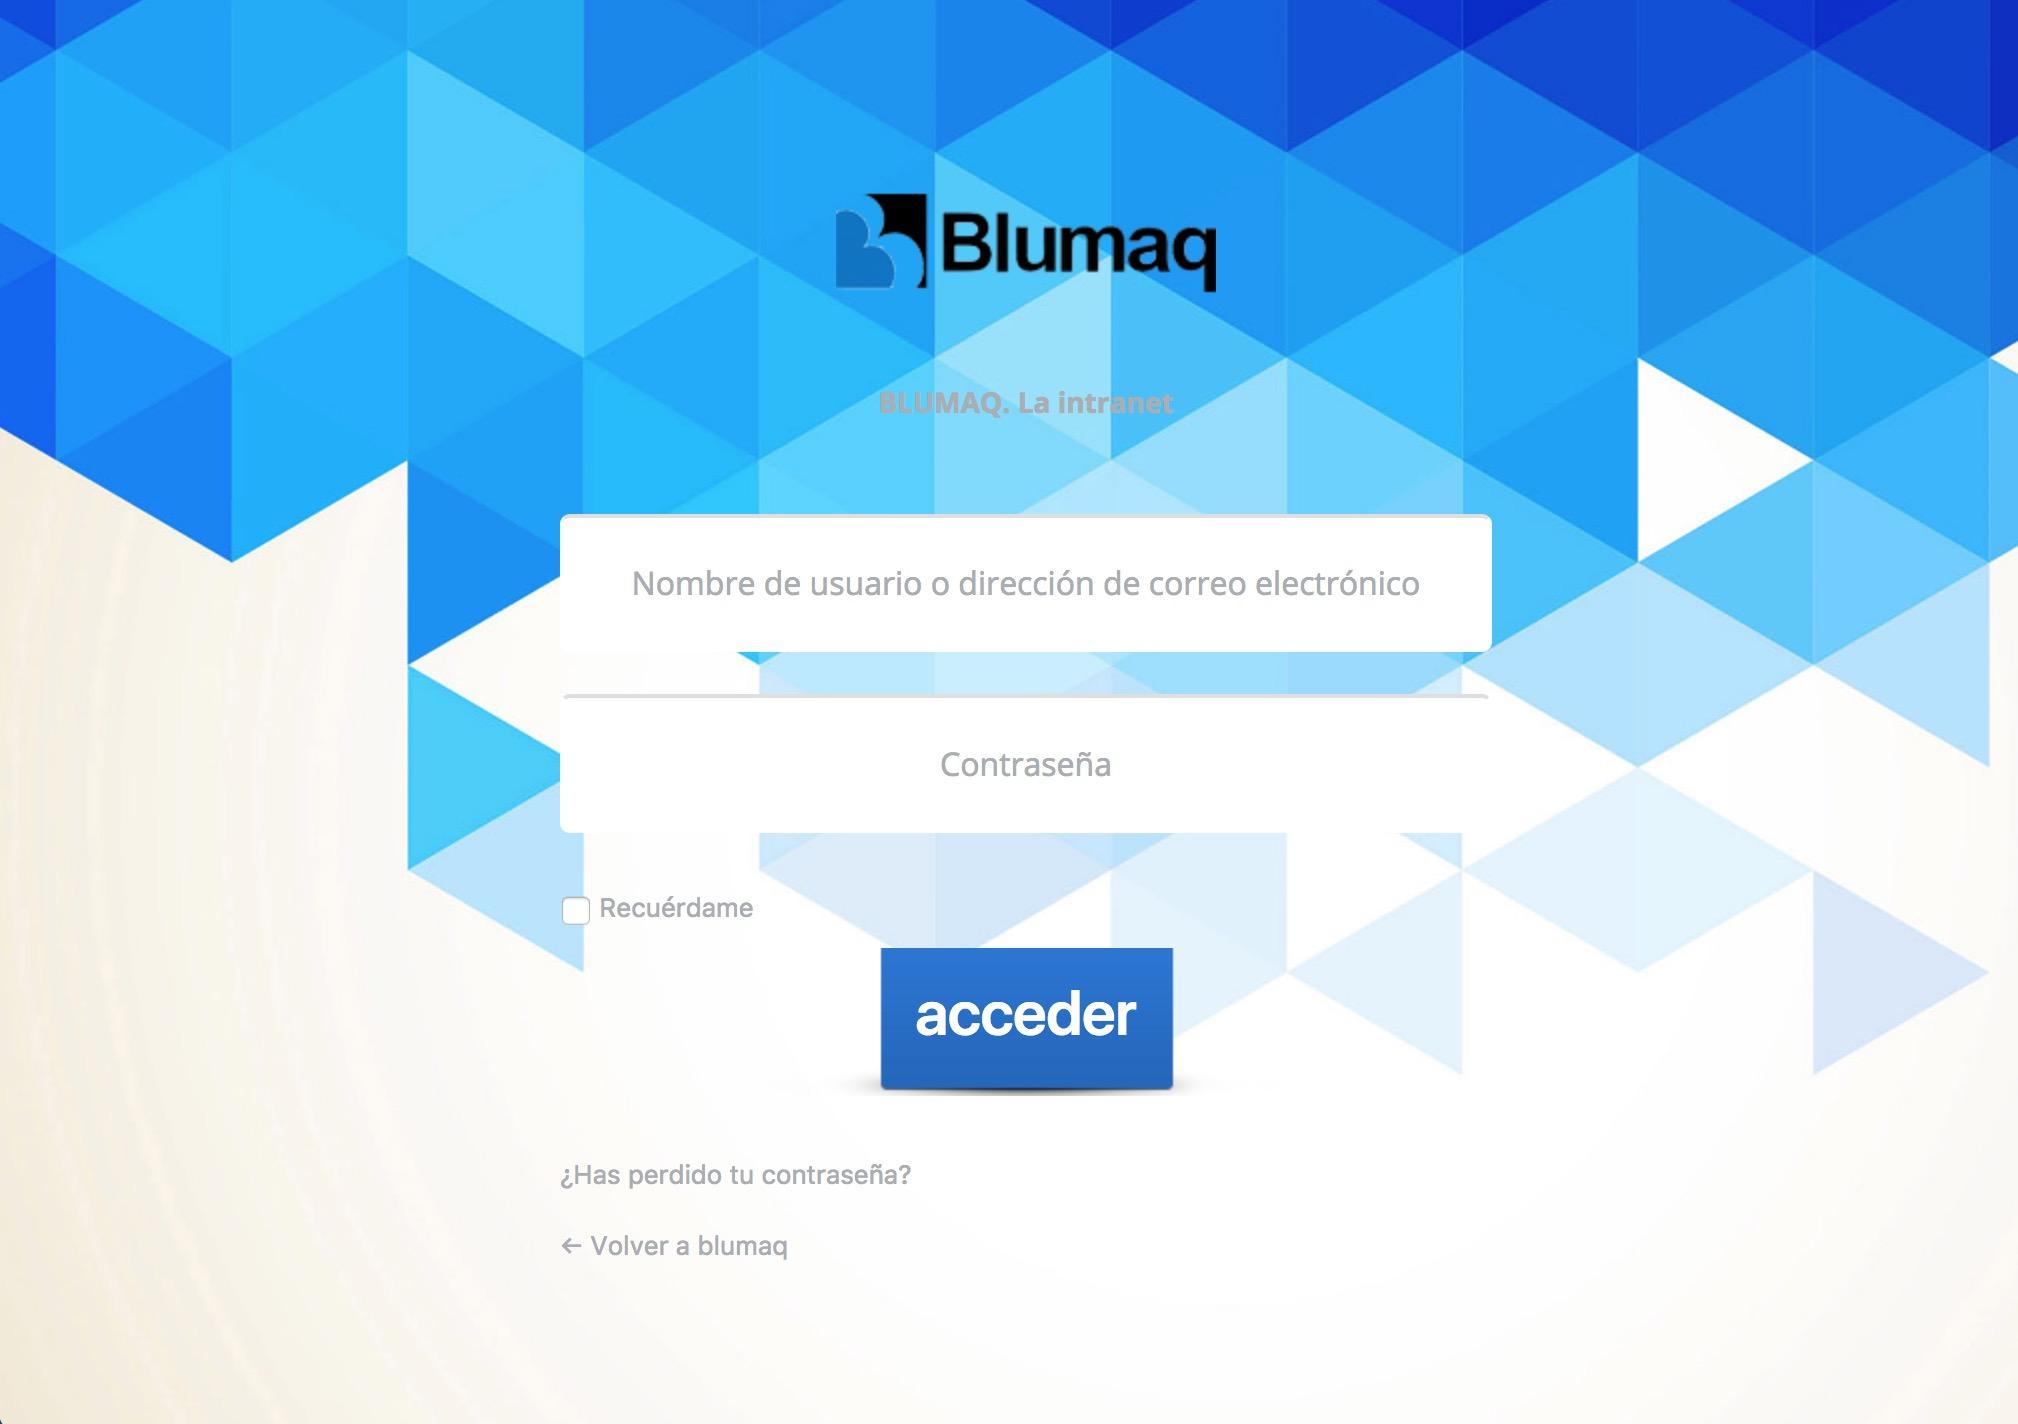 Blumaq